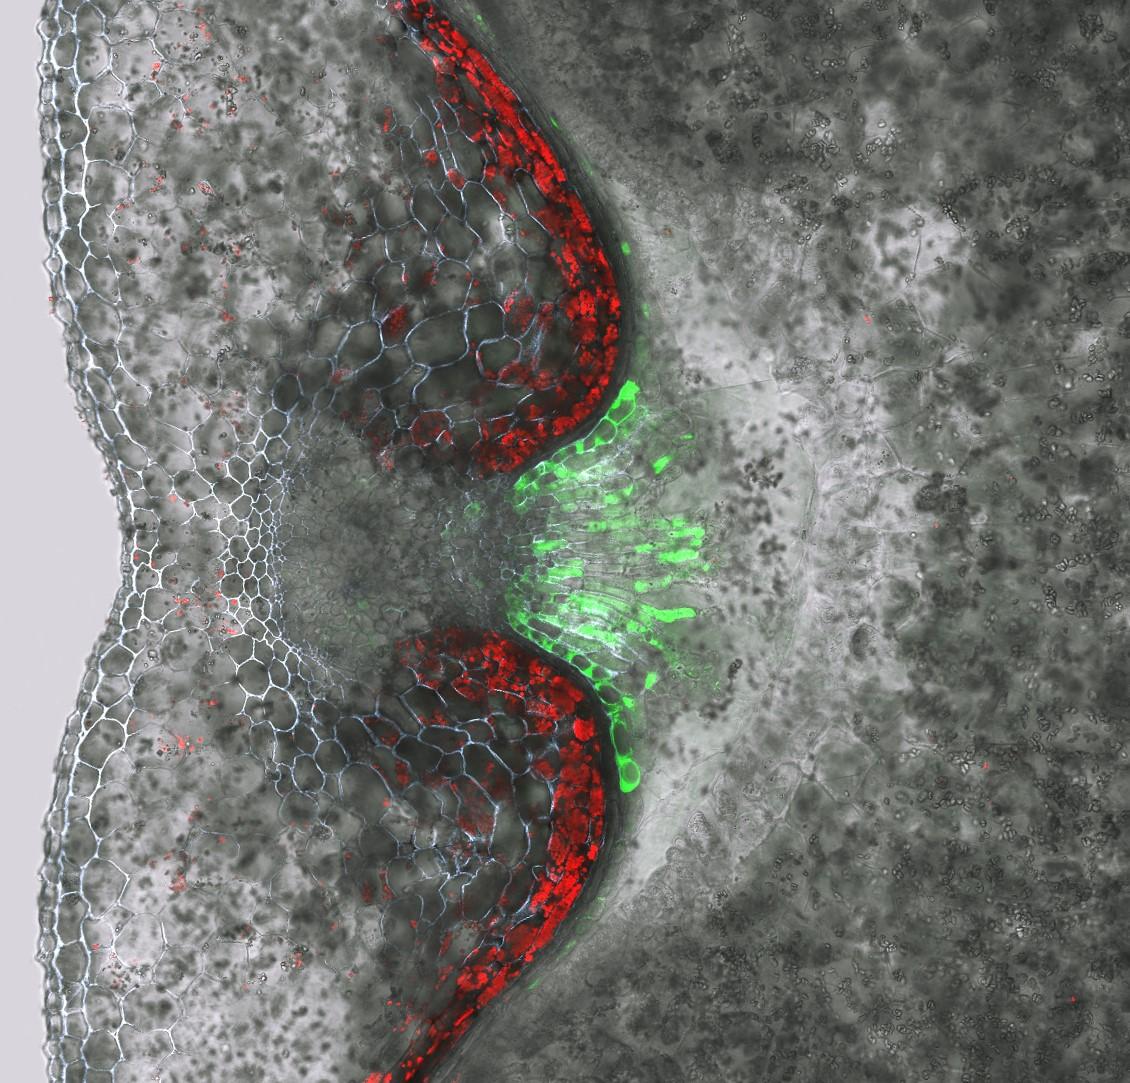 Aktivität des Jekyll-Promoters visualisiert: Das grün fluoreszierende Protein (GFP) wird als zellulärer Markereingesetzt, um andere Proteine sichtbar zu machen.